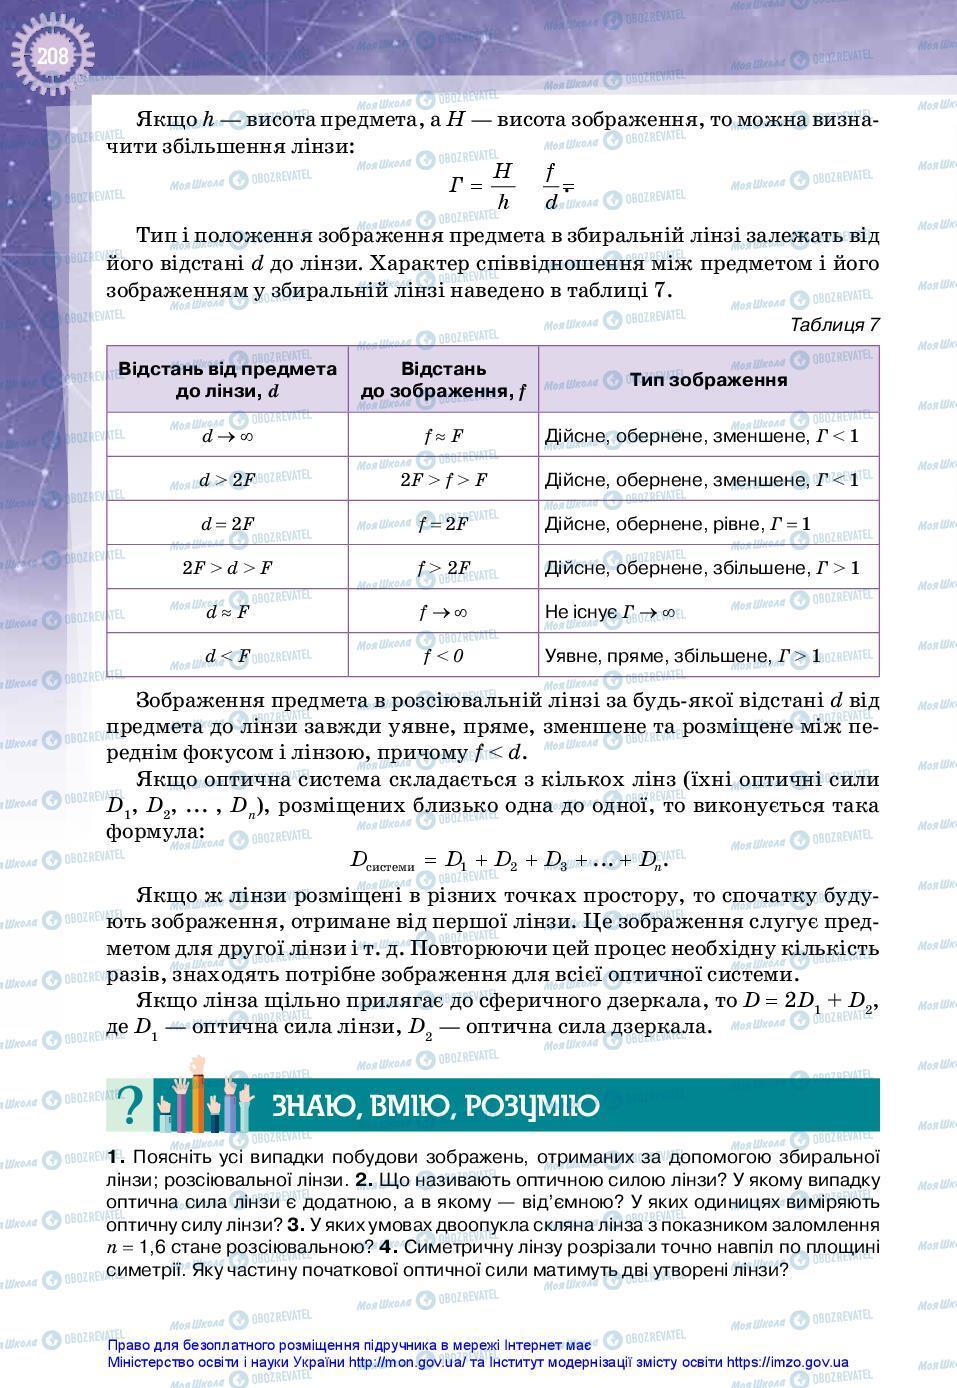 Підручники Фізика 11 клас сторінка 208